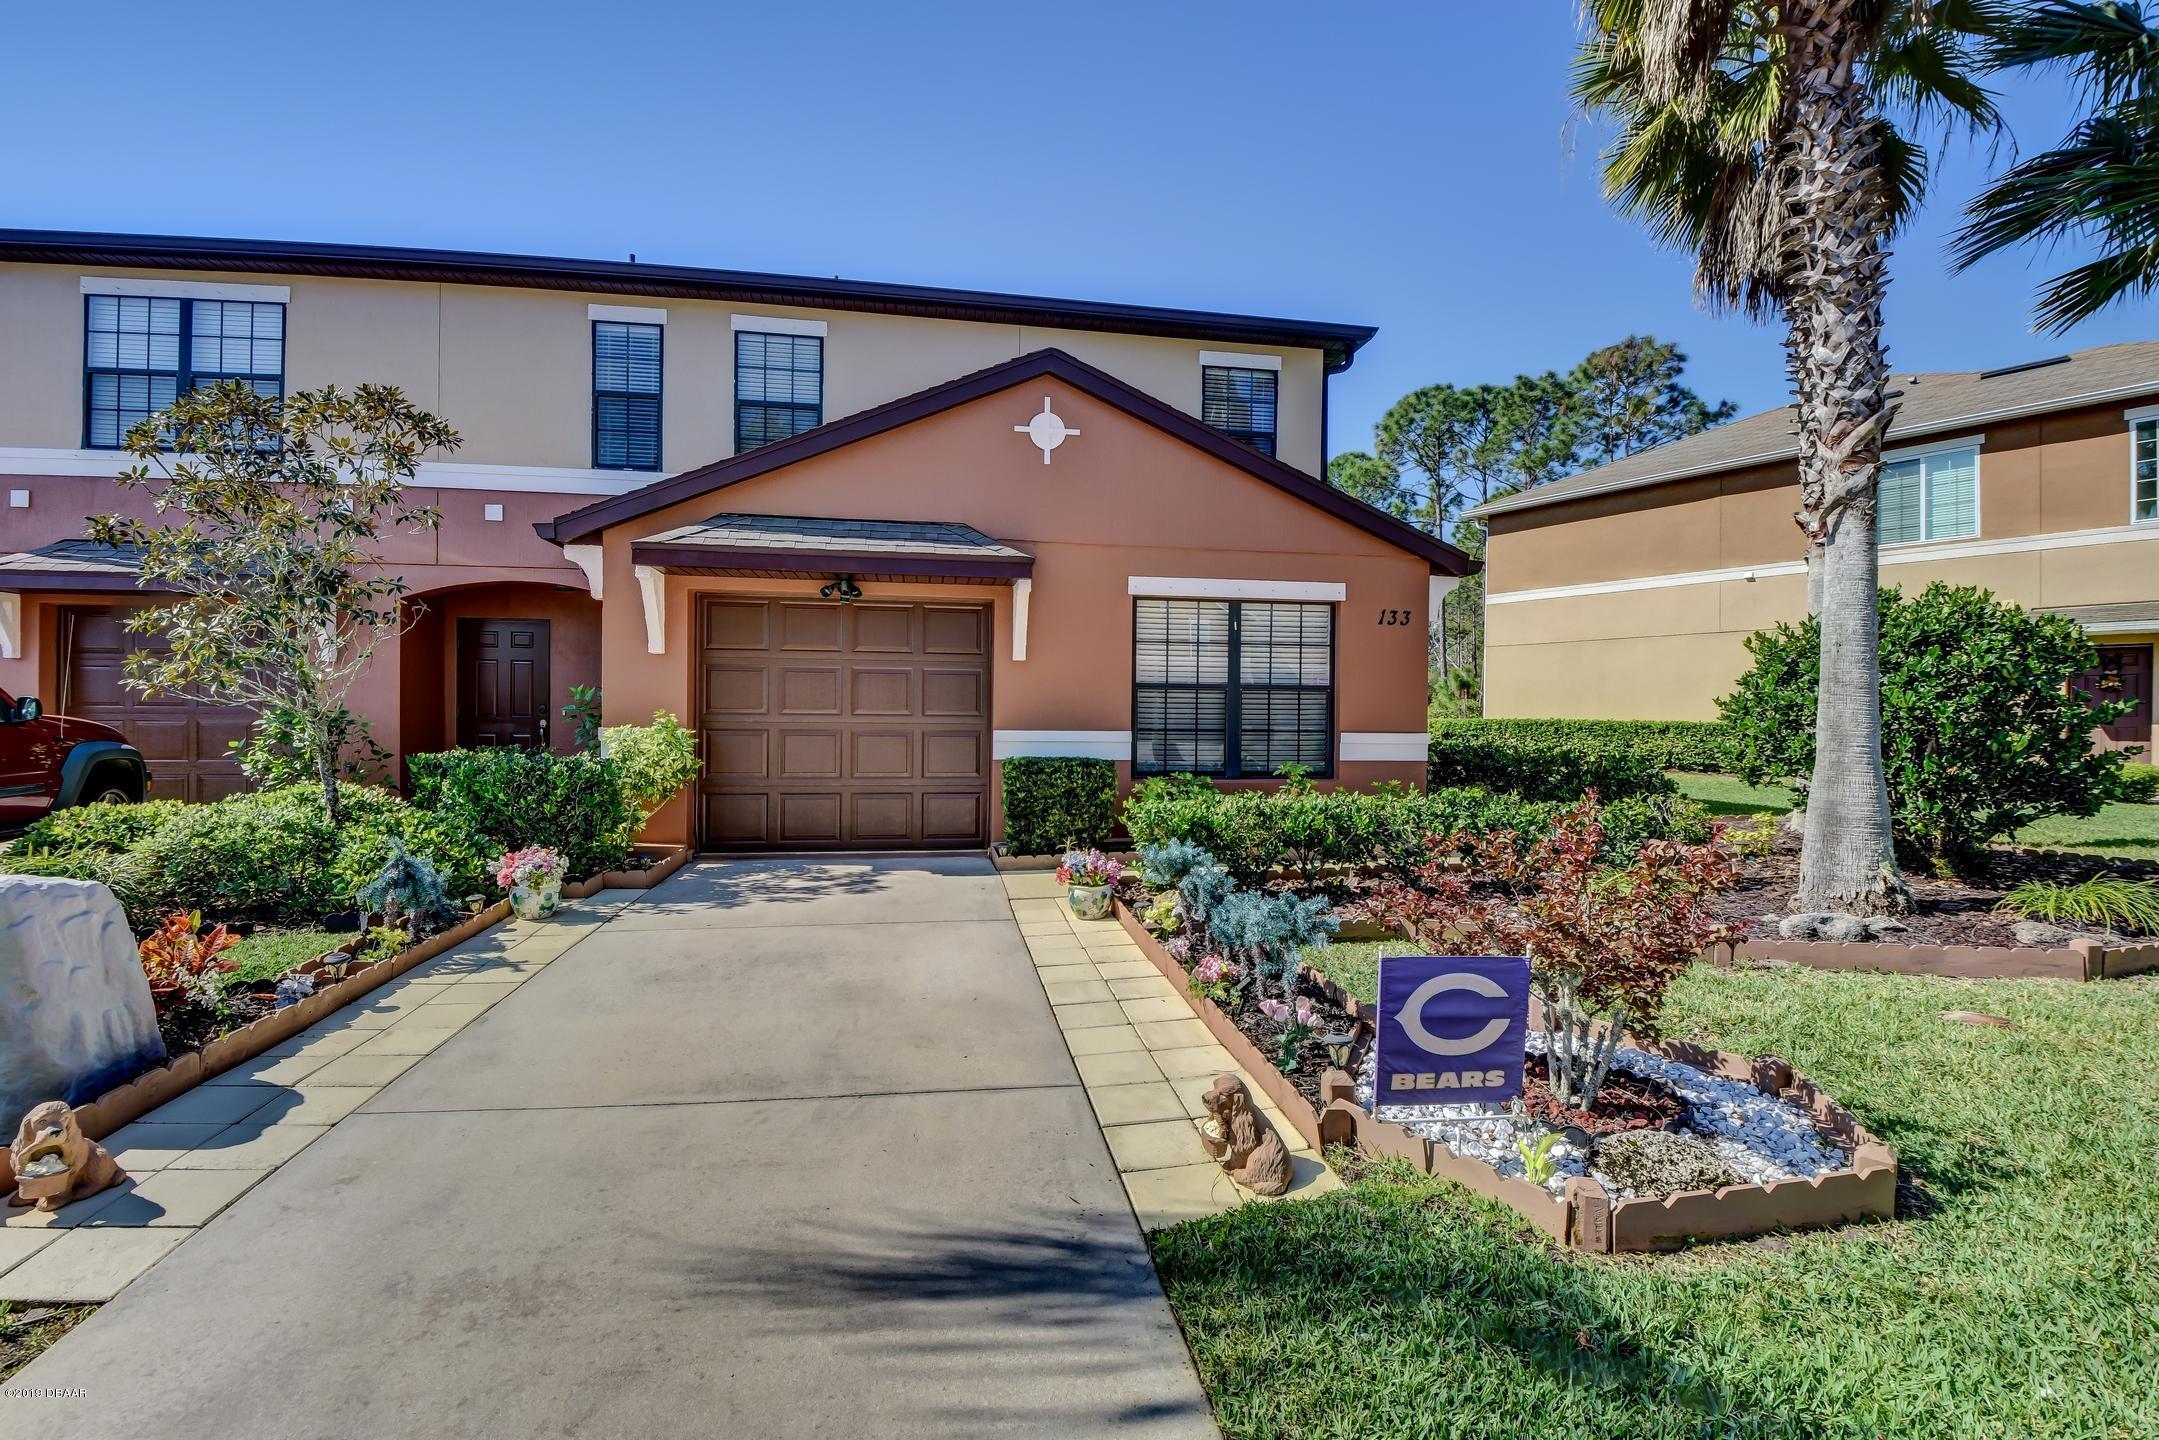 133 Tarracina Way, Holly Hill, Florida